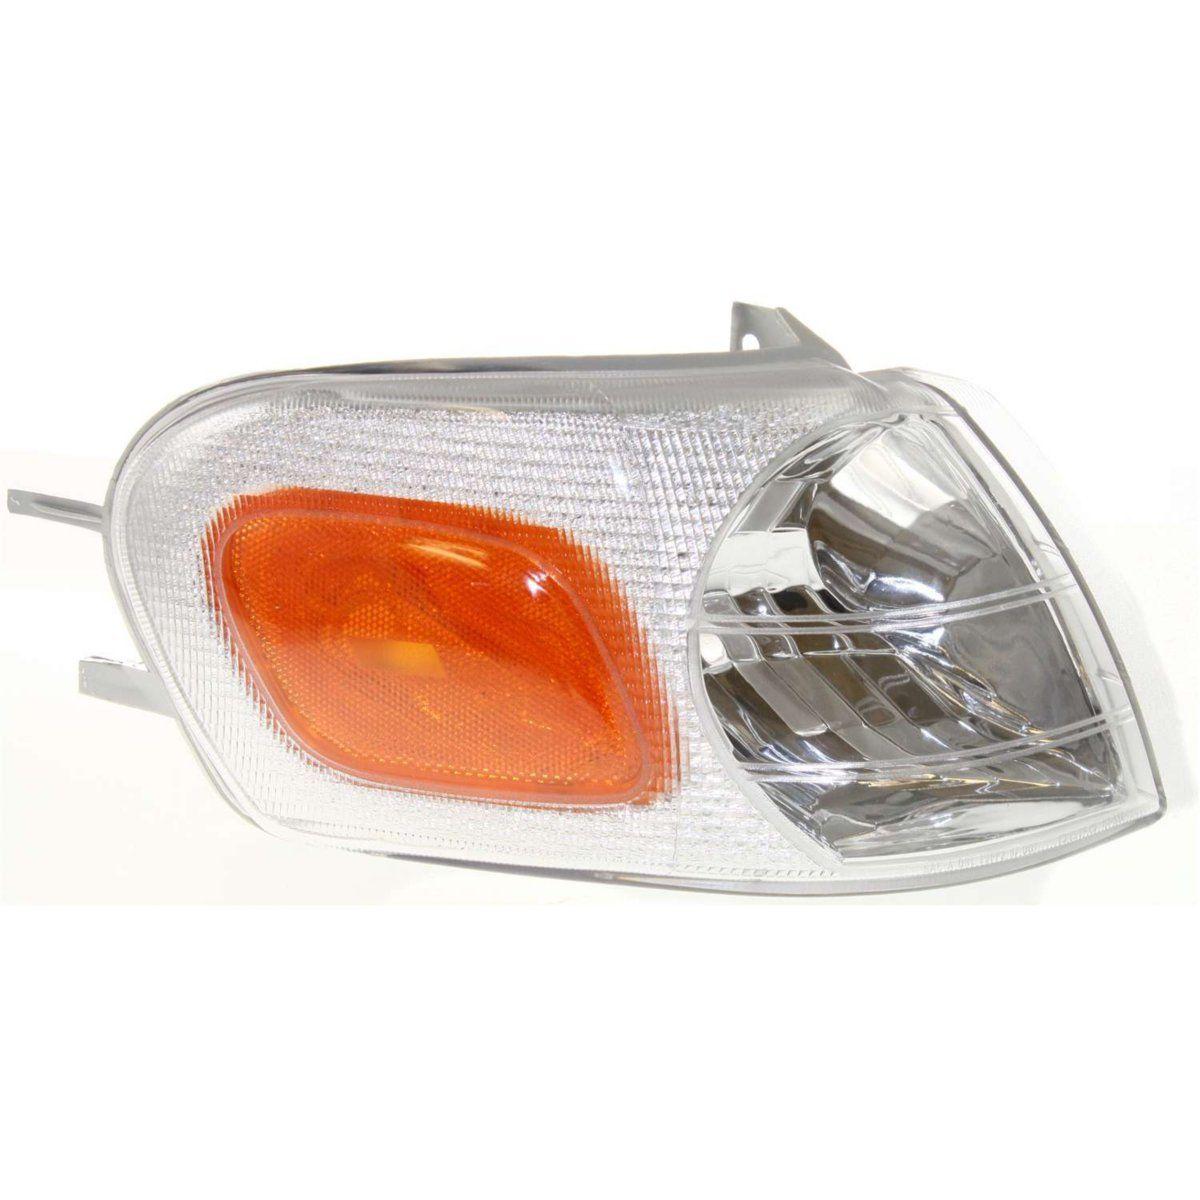 コーナーライト Corner Light For 97-2005 Chevrolet Venture Passenger Side Incandescent 97-2005 Chevrolet Venture Passenger Side白熱灯のコーナーライト